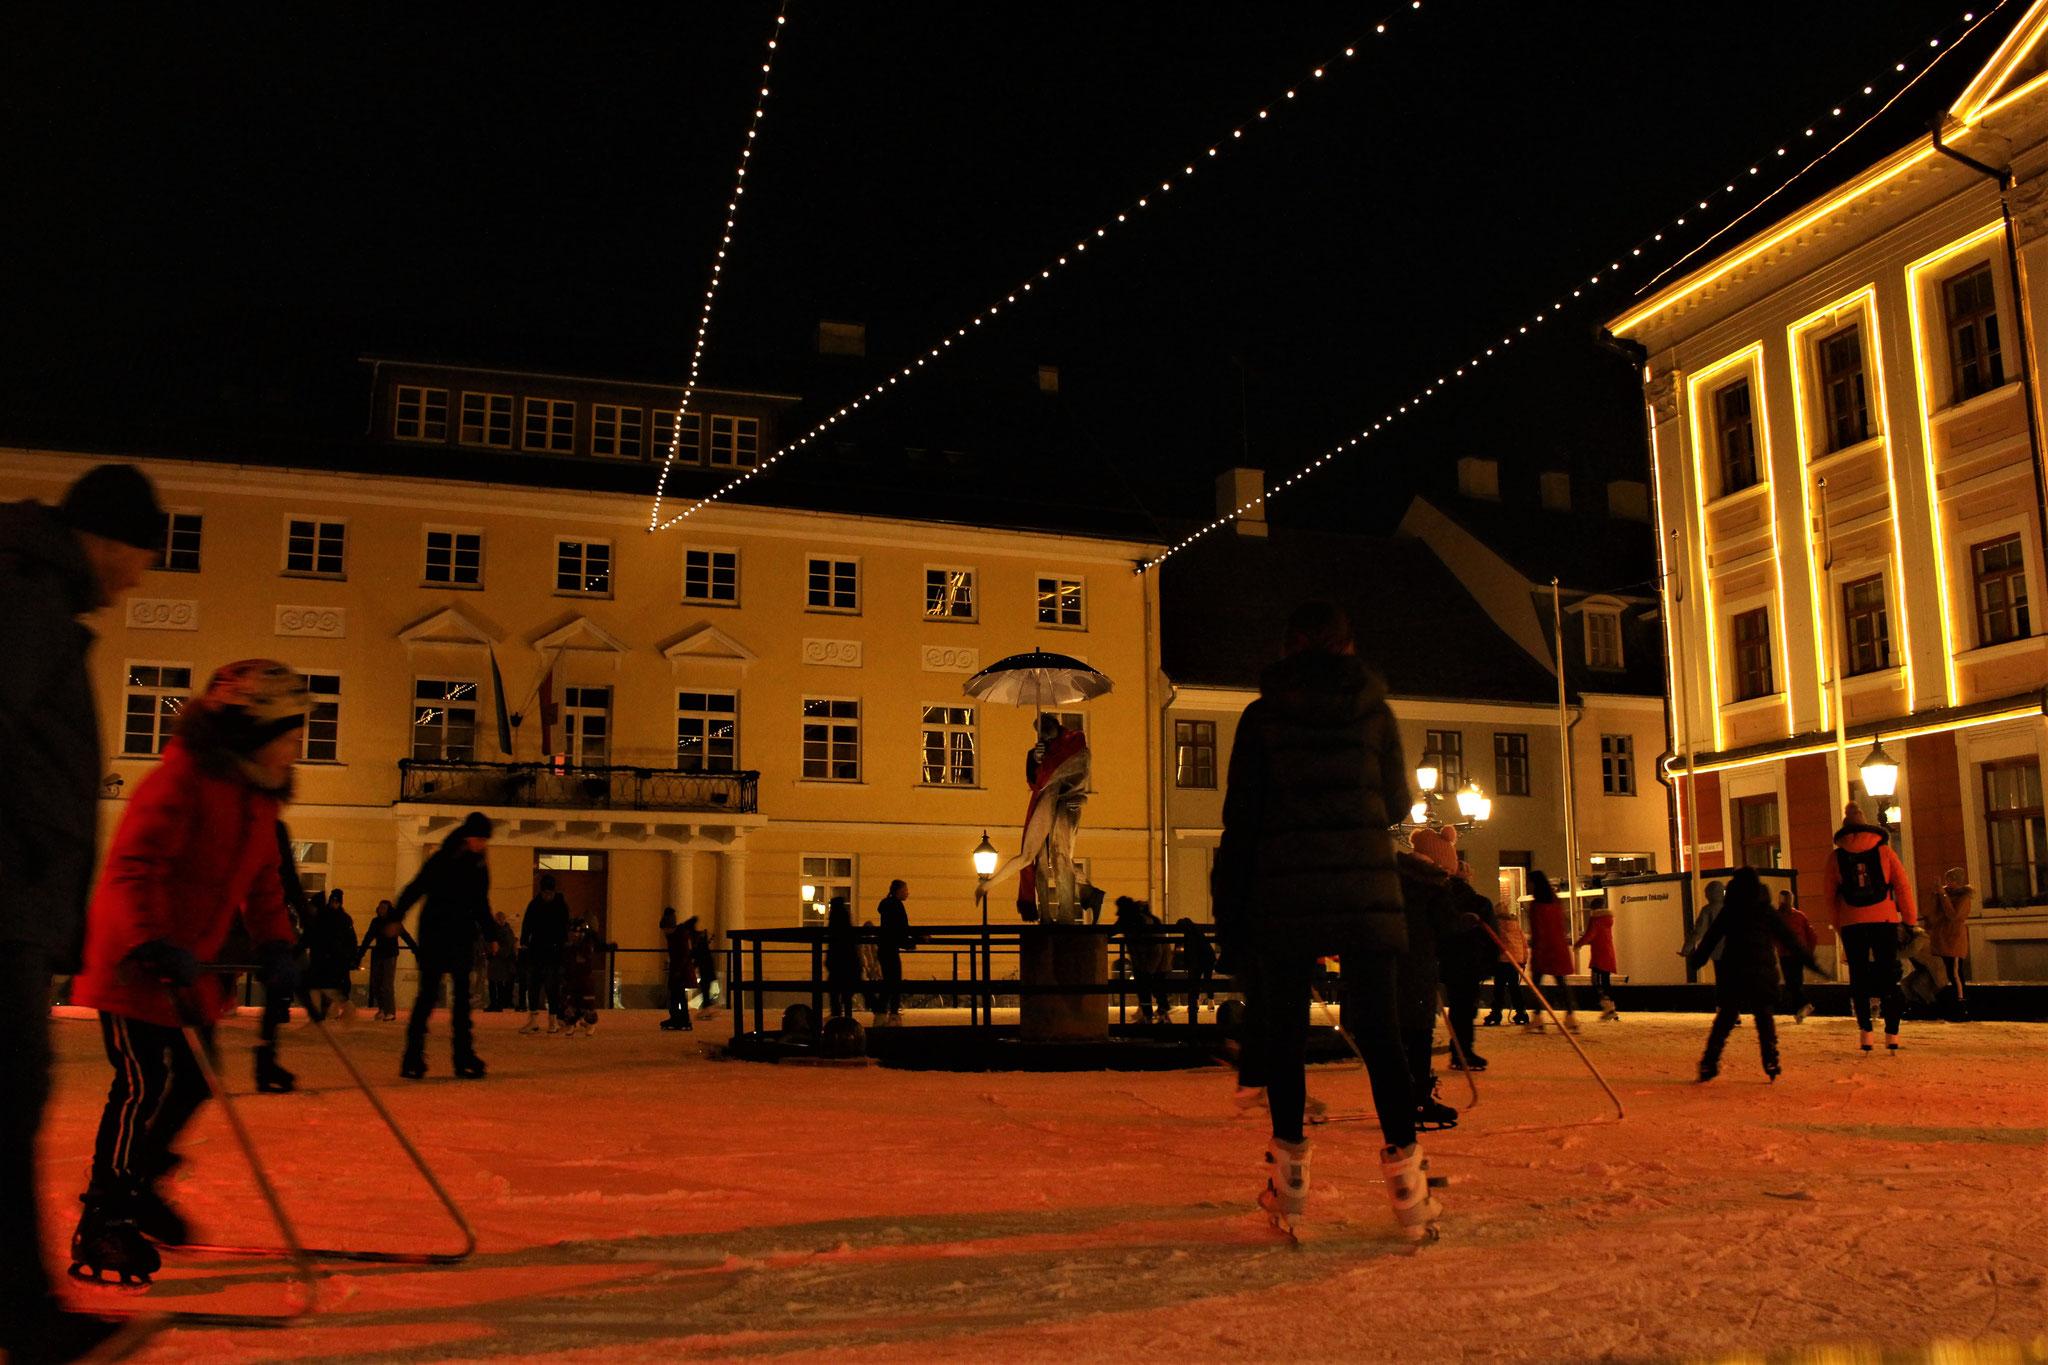 Schlittschuhlaufen auf dem Rathausplatz